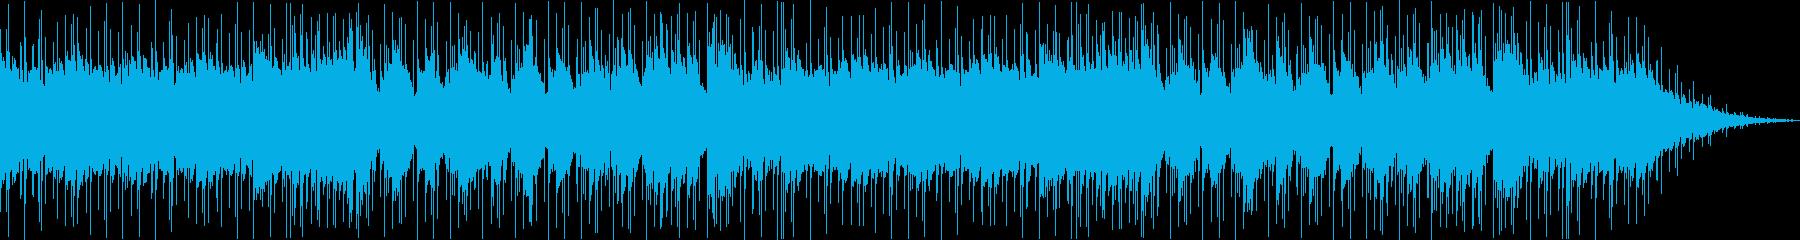 レトロゲームミュージック風(FM音源)の再生済みの波形